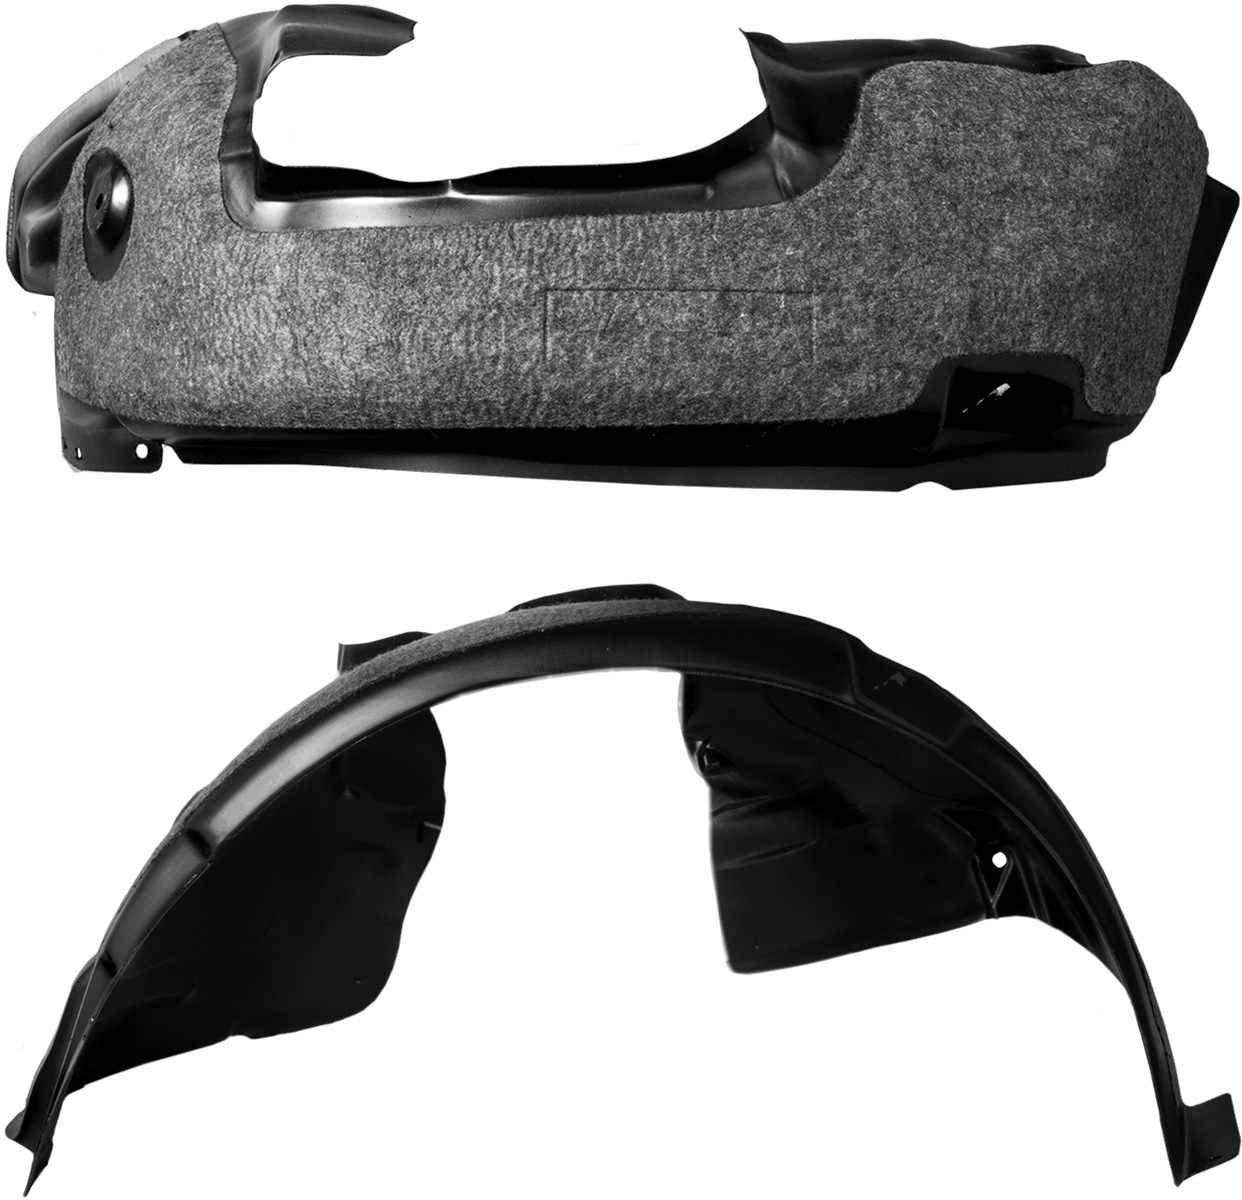 Подкрылок с шумоизоляцией Novline-Autofamily, для Peugeot Boxer, 08/2014 ->, с расширителями арок (передний правый)1004900000360Подкрылок с шумоизоляцией - революционный продукт, совмещающий в себе все достоинства обычного подкрылка, и в то же время являющийся одним из наиболее эффективных средств борьбы с внешним шумом в салоне автомобиля. Подкрылки бренда Novline-Autofamily разрабатываются индивидуально для каждого автомобиля с использованием метода 3D-сканирования.В качестве шумоизолирующего слоя применяется легкое синтетическое нетканое полотно толщиной 10 мм, которое отталкивает влагу, сохраняет свои шумоизоляционные свойства на протяжении всего периода эксплуатации.Подкрылки с шумоизоляцией не имеют эксплуатационных ограничений и устанавливаются один раз на весь срок службы автомобиля.Подкрылки с шумоизоляцией не имеют аналогов и являются российским изобретением, получившим признание во всём мире. Уважаемые клиенты! Обращаем ваше внимание, фото может не полностью соответствовать оригиналу.